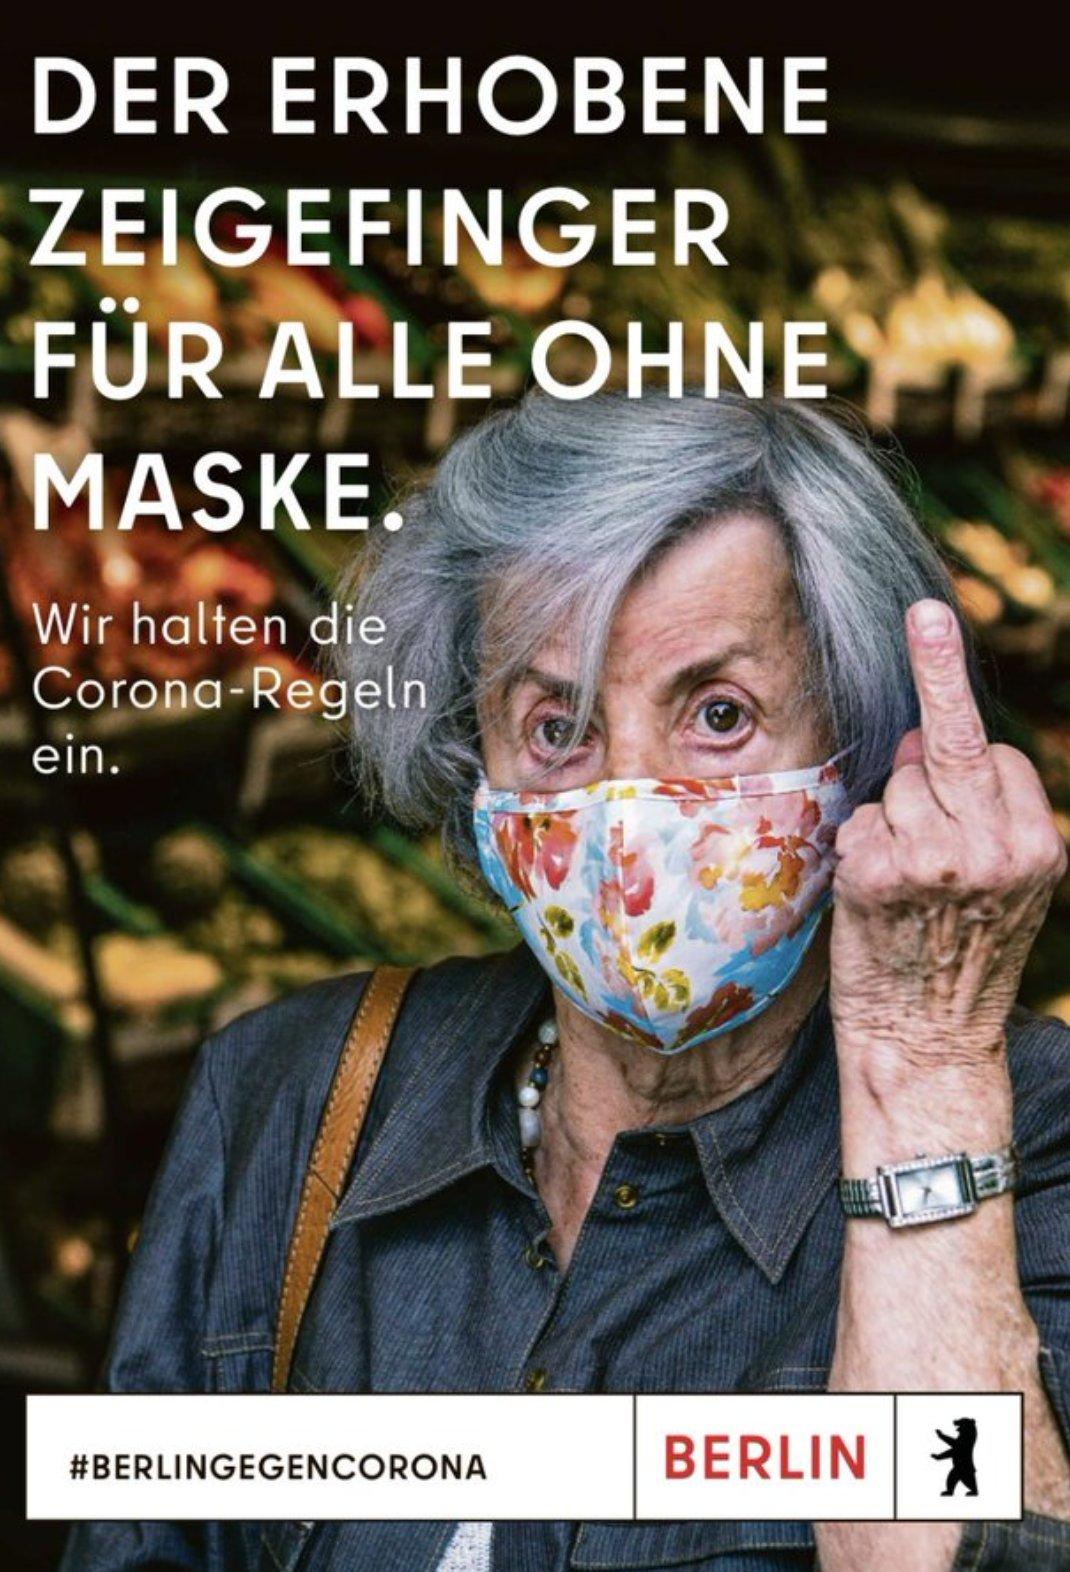 引发争议的防疫广告